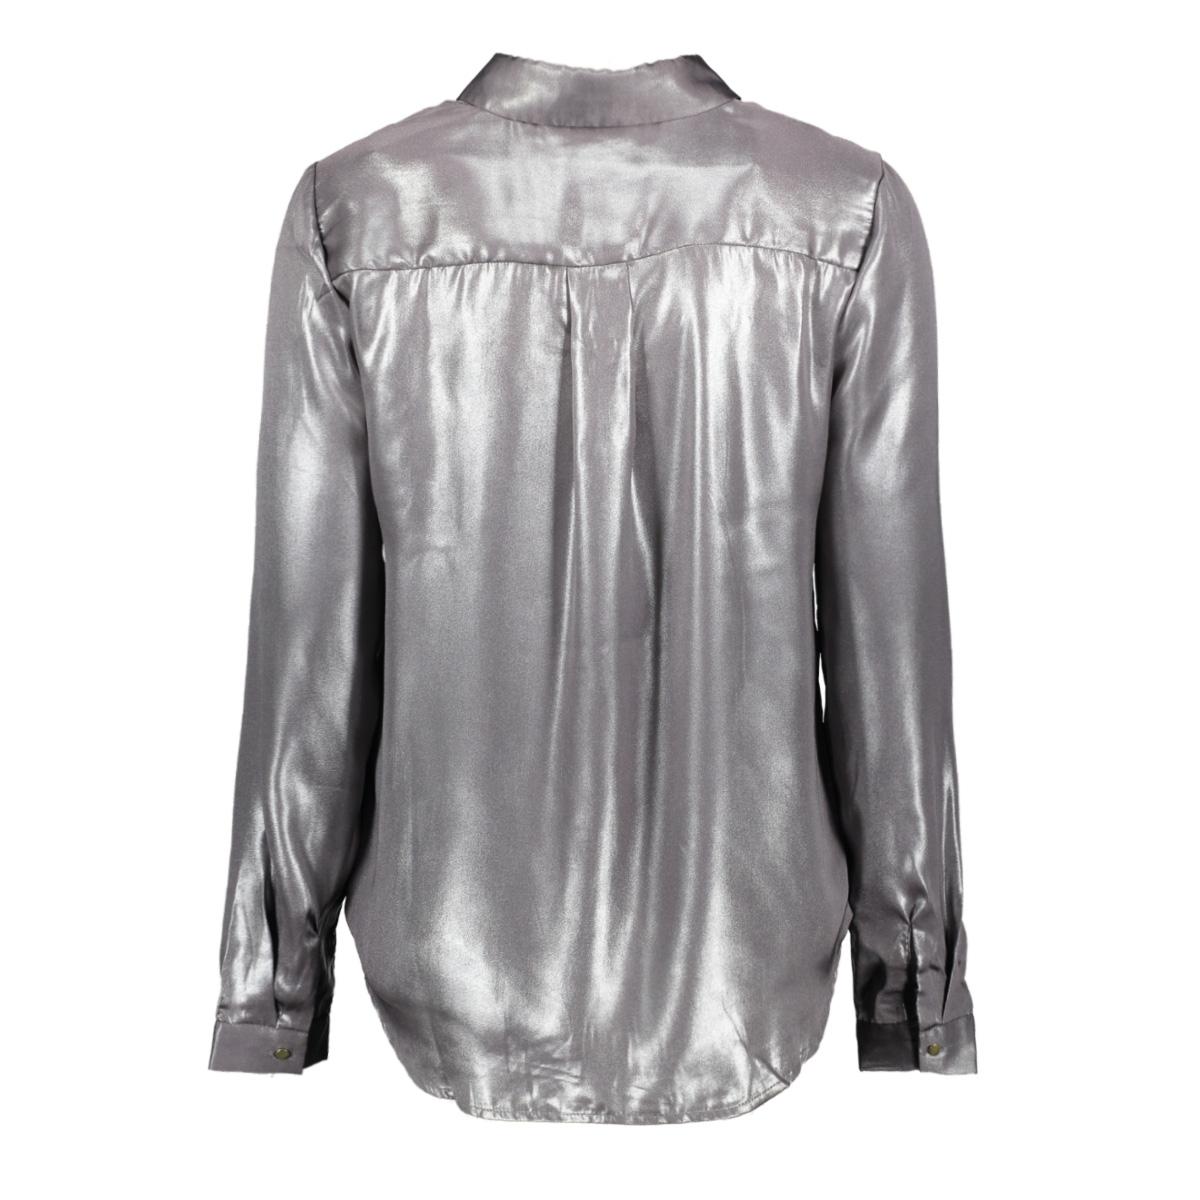 woven shirt ls 30501364 saint tropez blouse 19 3905